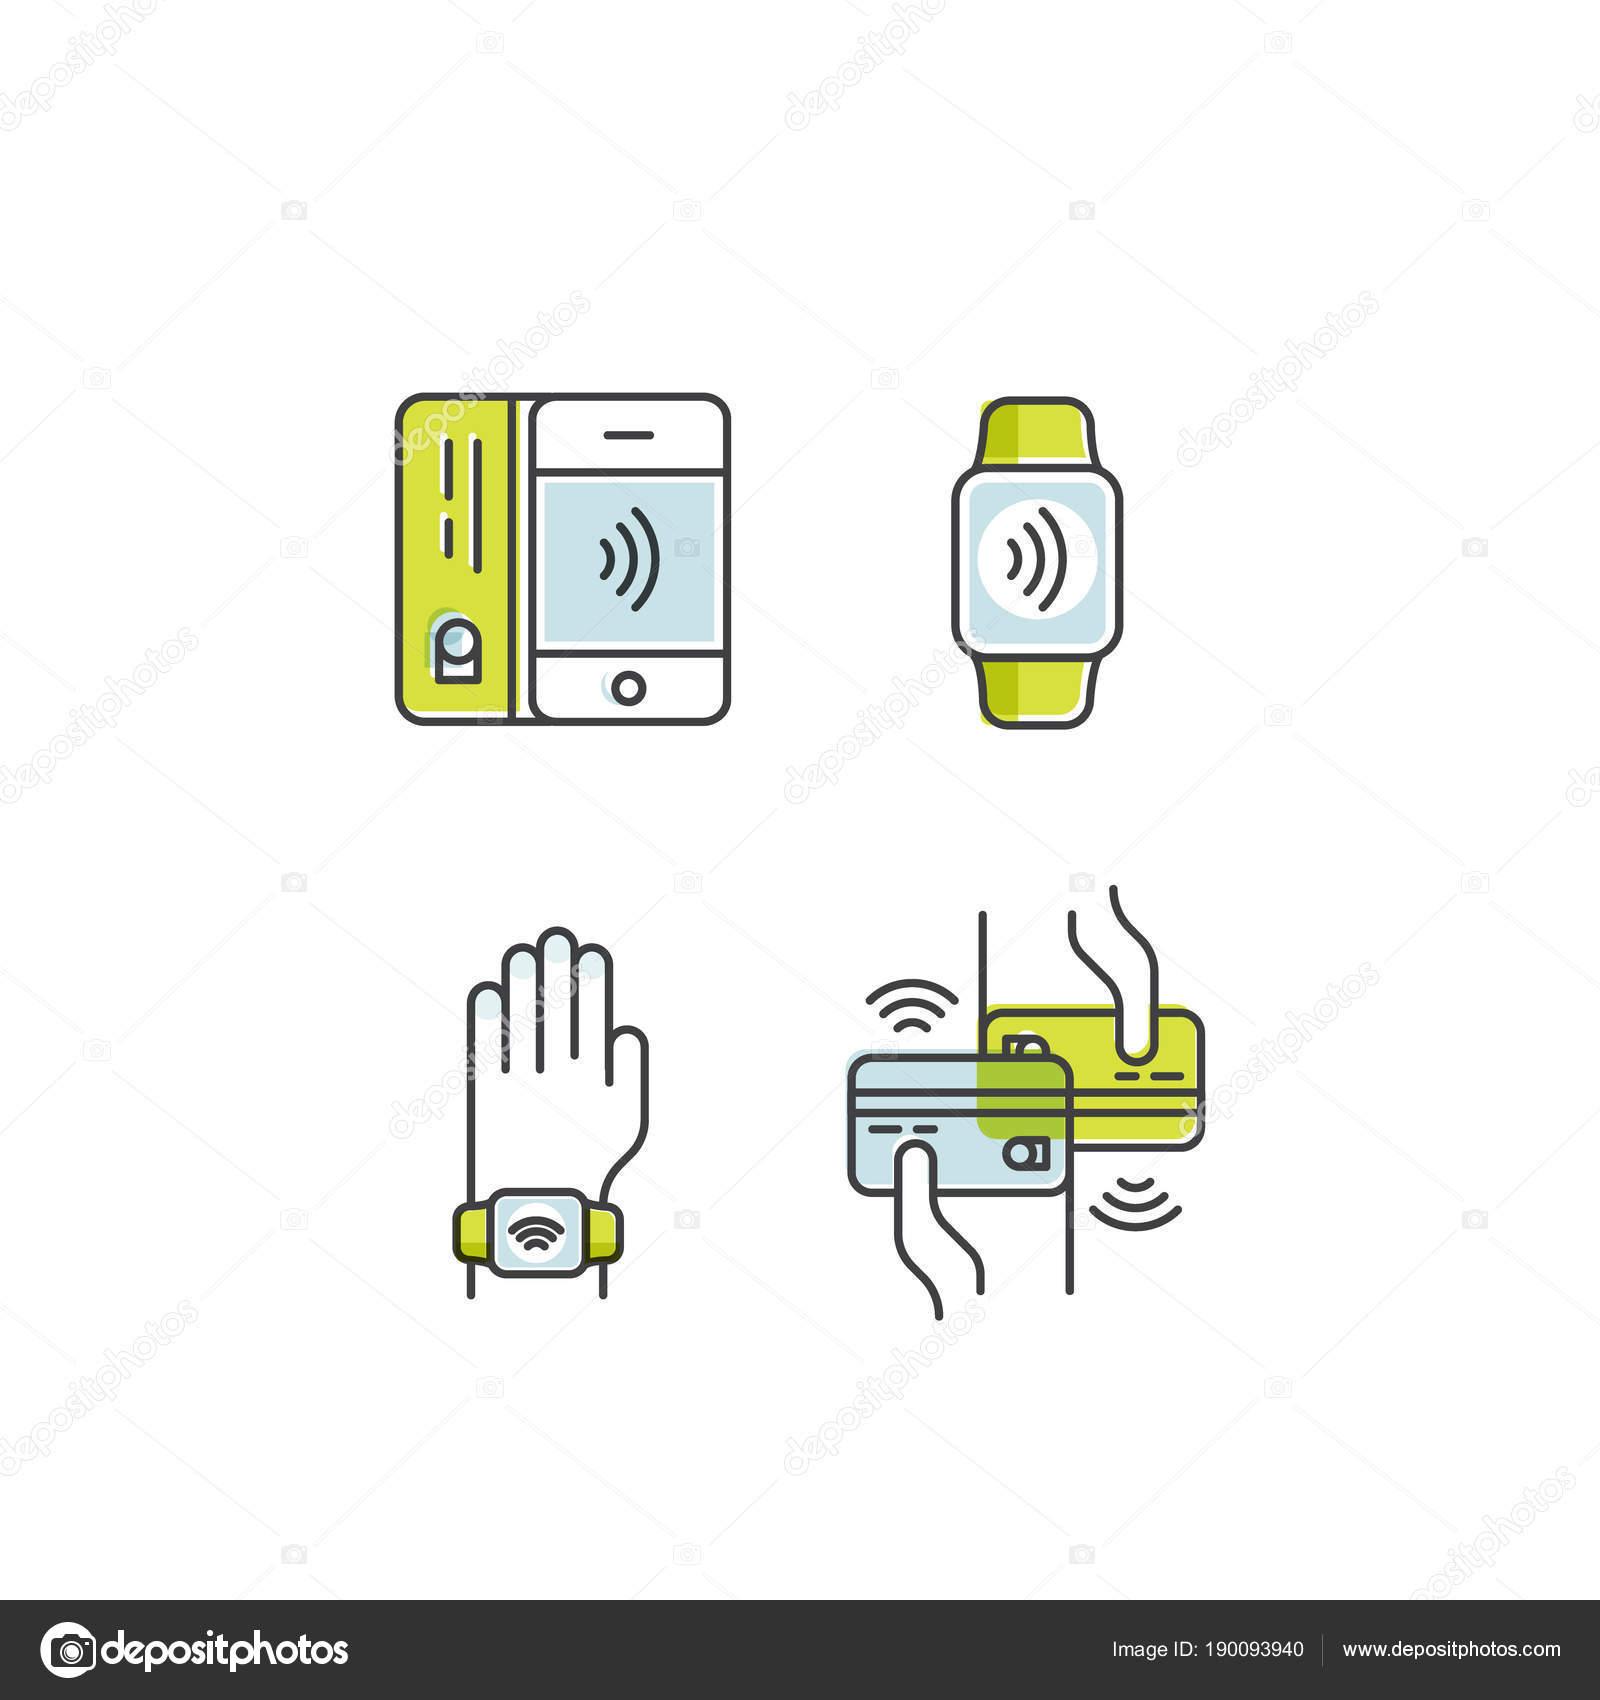 91d2171751ea Vector icono de estilo ilustración de Nfc pago realizado a través del reloj.  Pulsera con mano. Móvil paga o hacer la compra sin contacto inalámbrico  manera ...